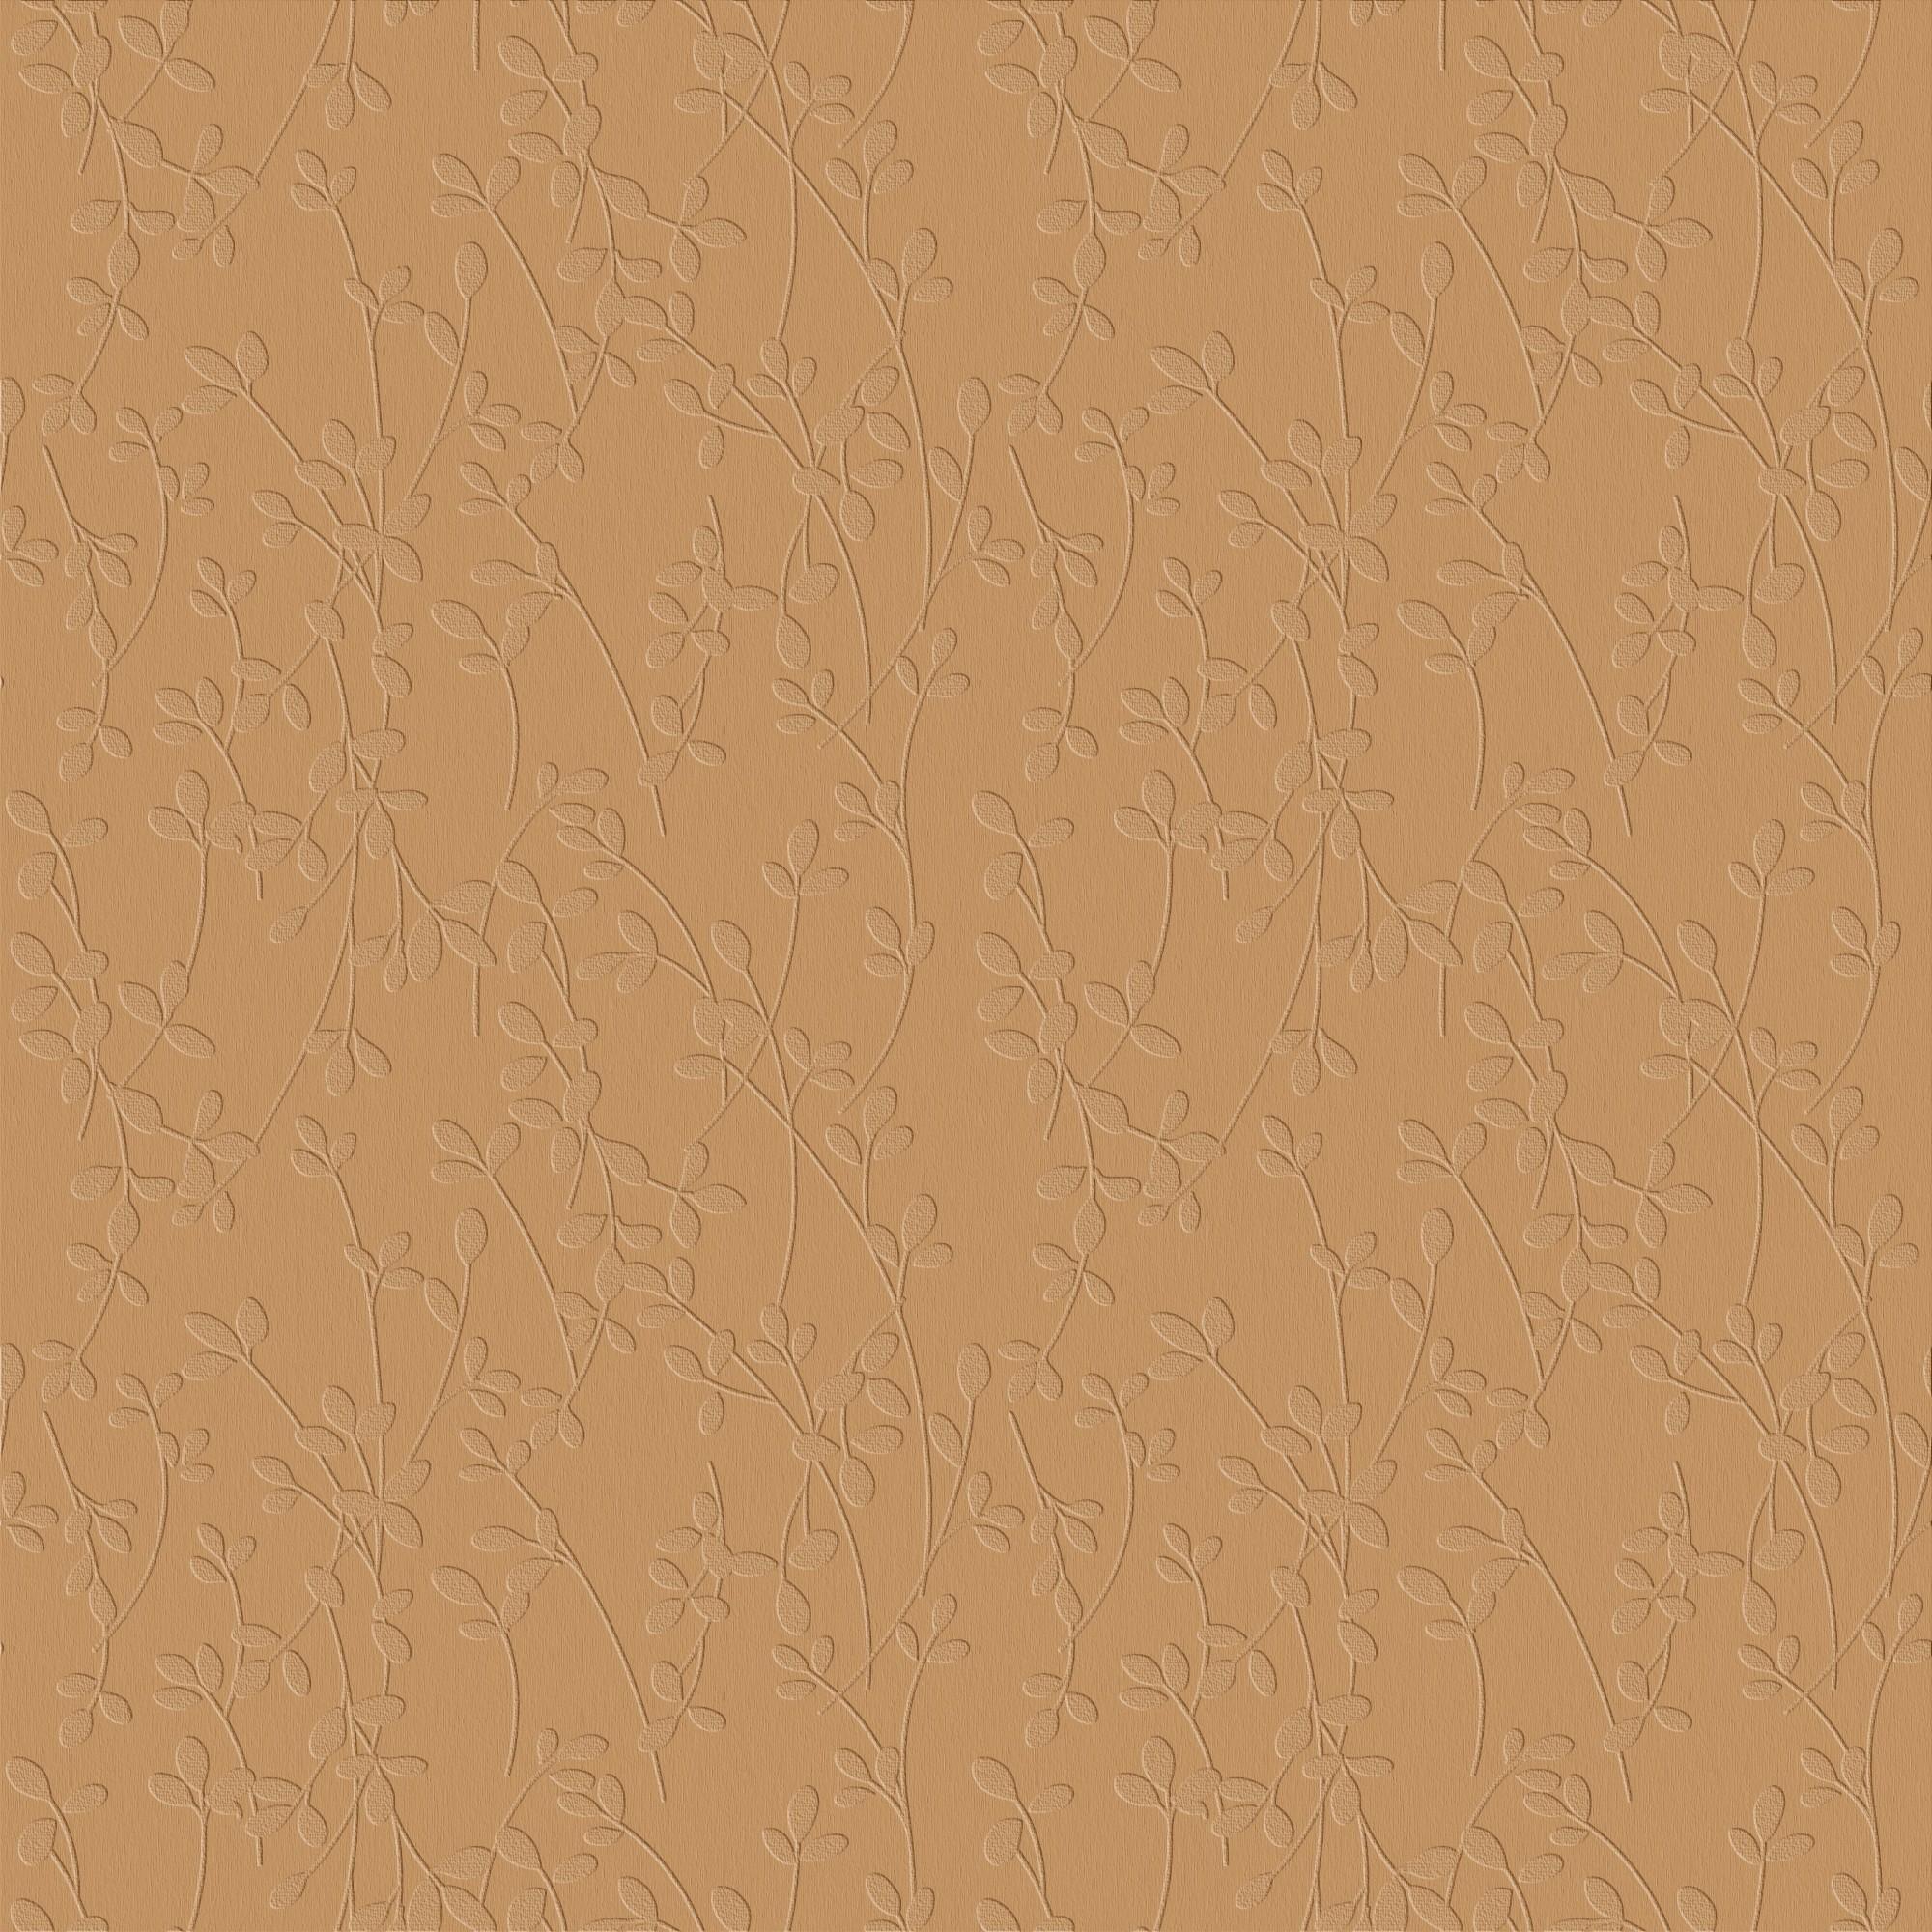 Papel de Parede 53cm x 10m PVC Texturizado Tiffany 9135 - Jolie